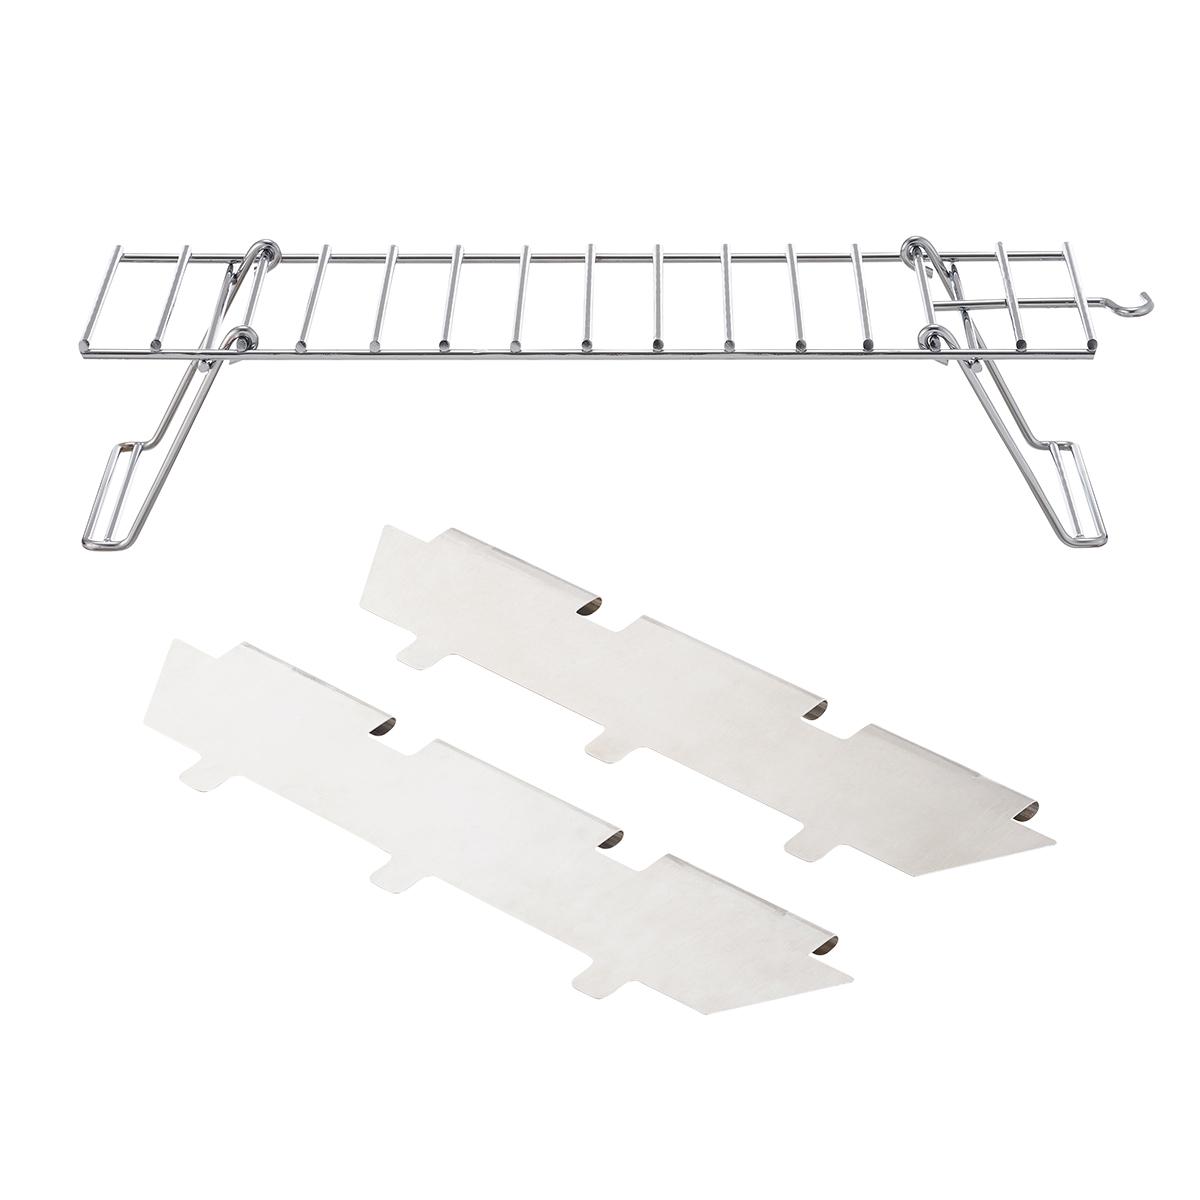 ピラミッド・デバイダー&ラックセット XL